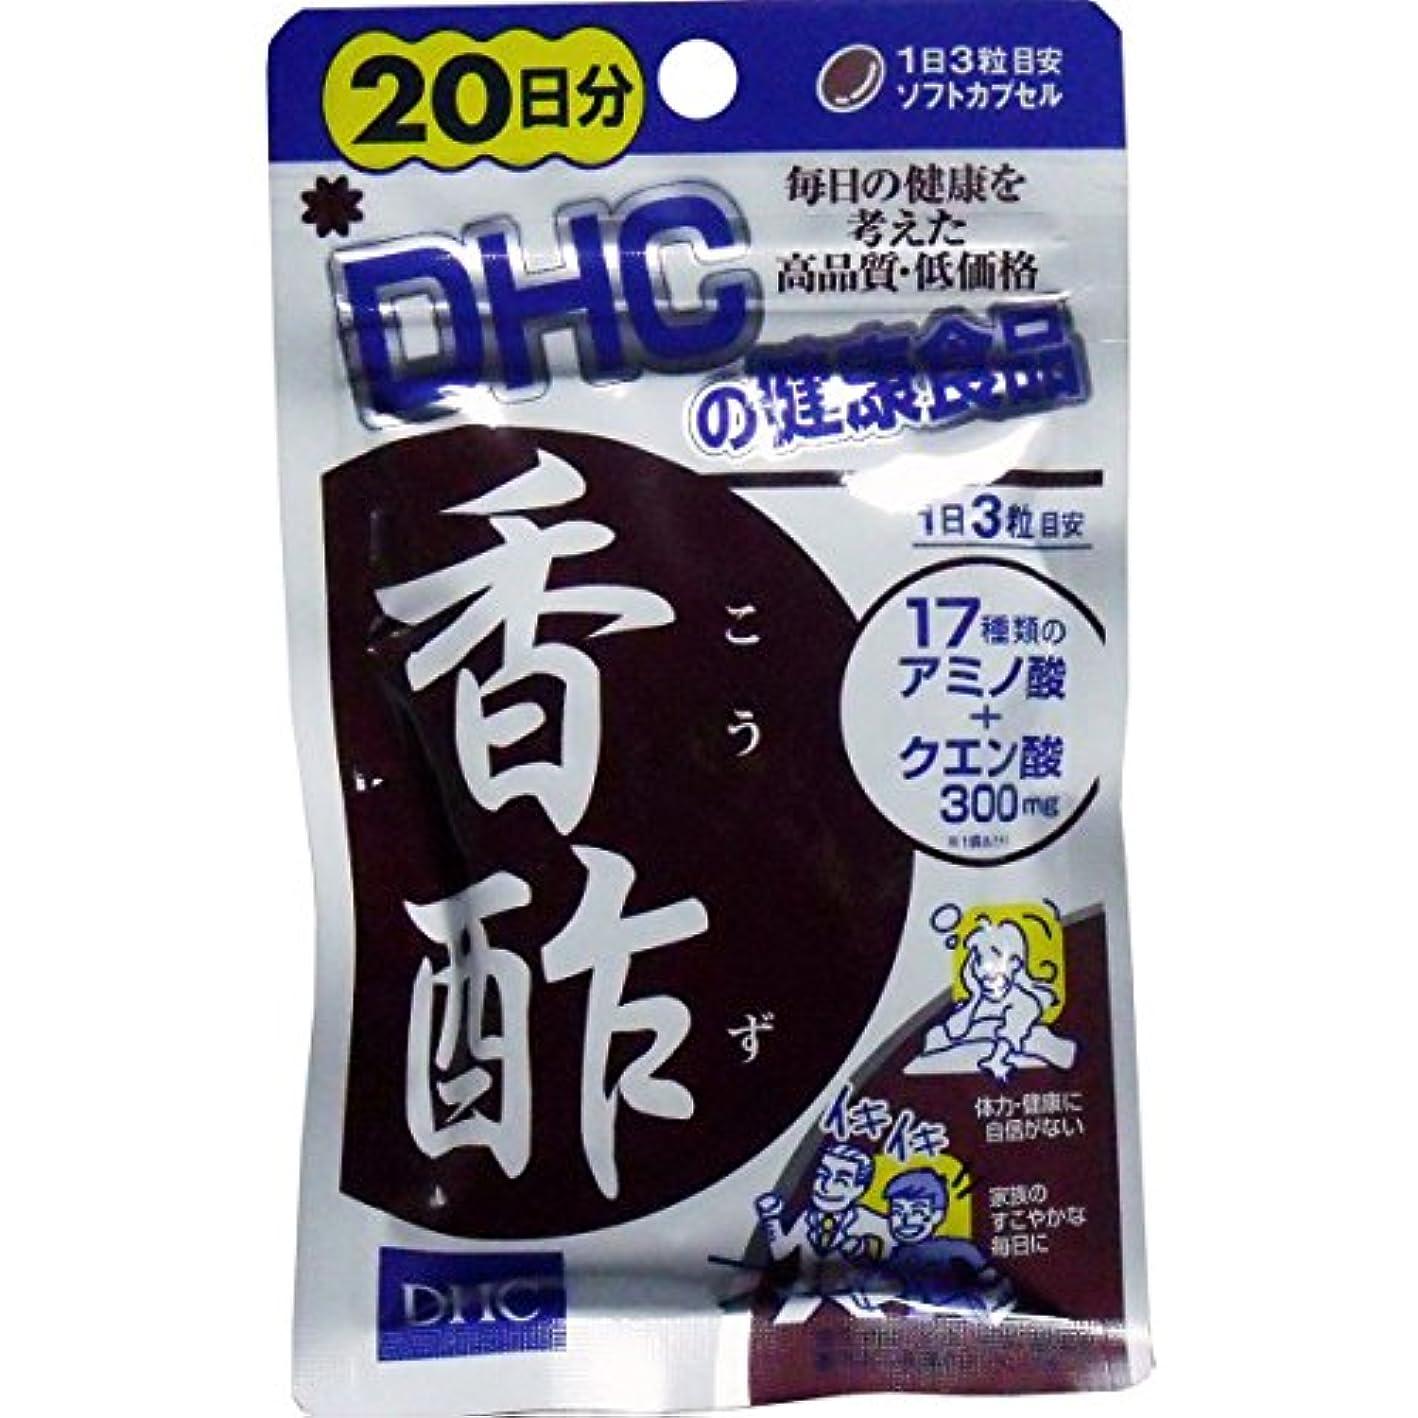 大学バイパス恥ずかしいDHC 香酢 20日分 60粒入「5点セット」